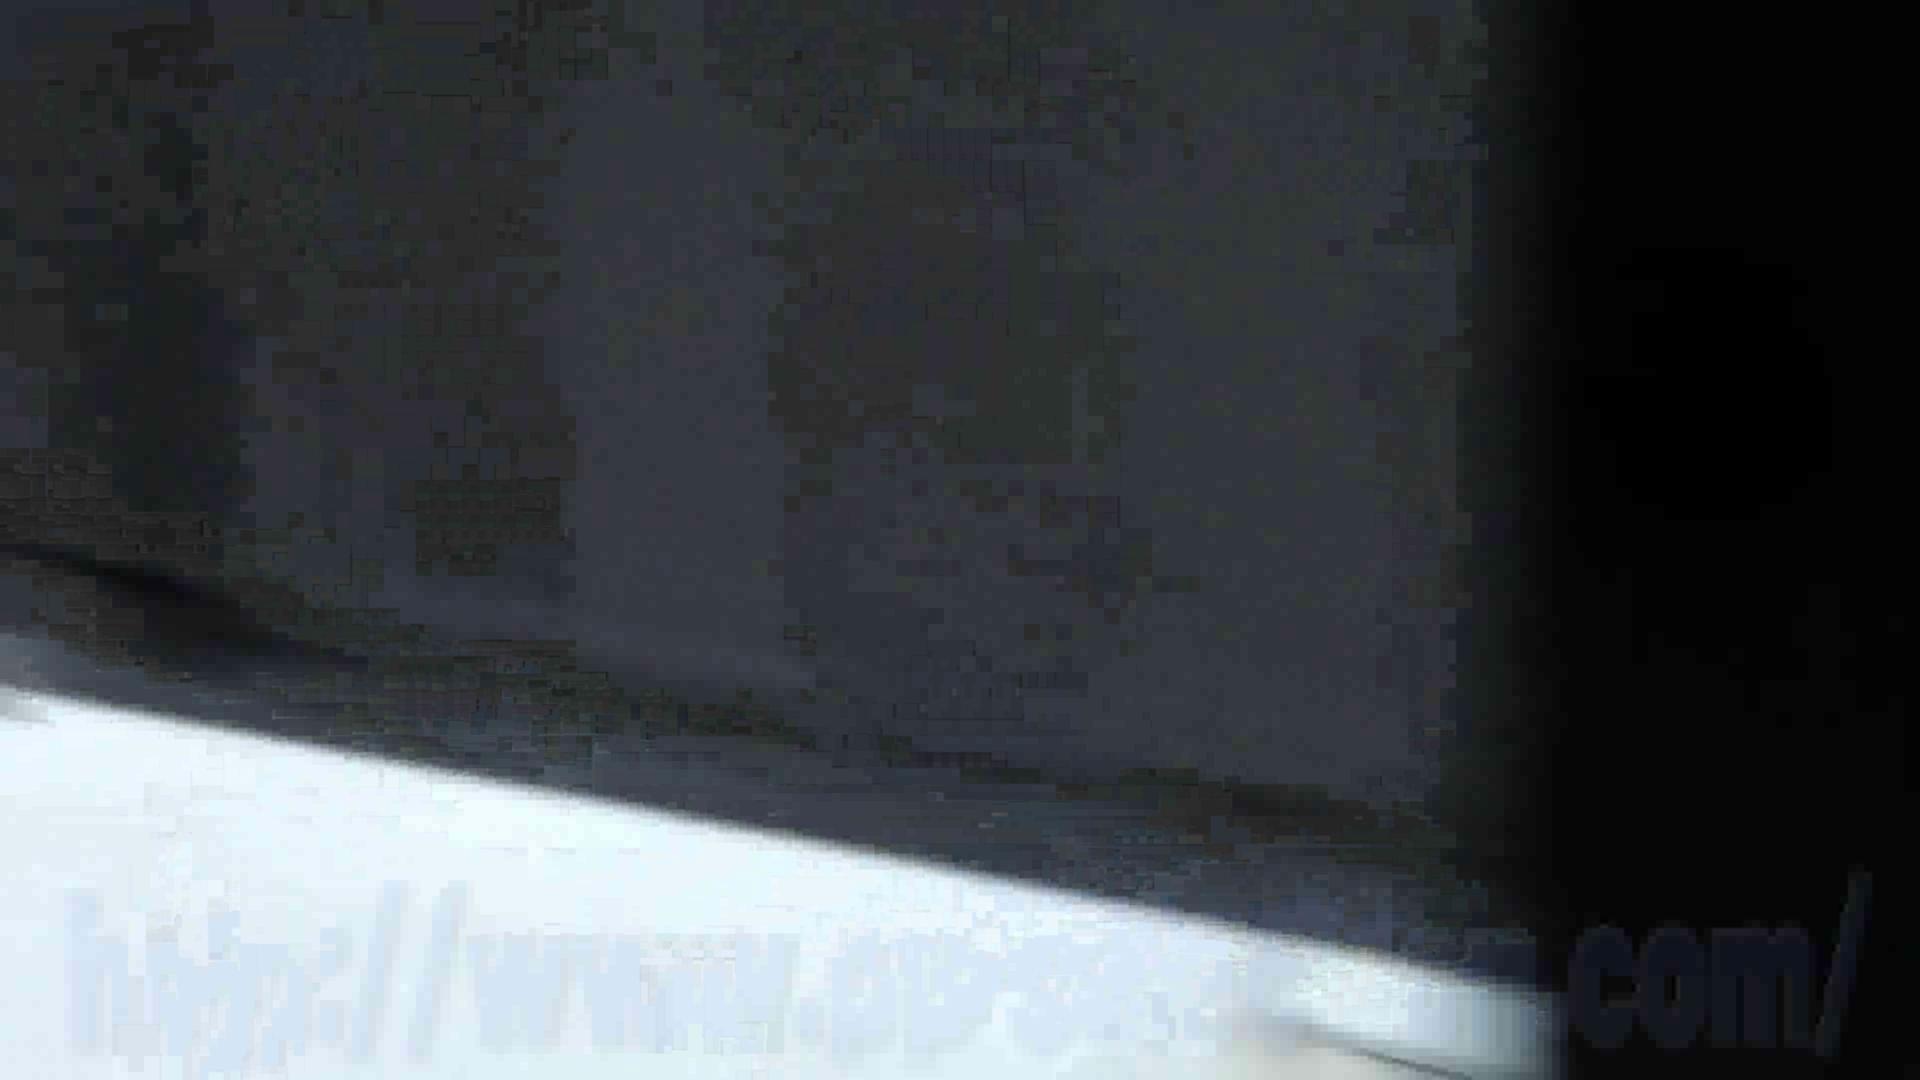 なんだこれ!! Vol.08 遂に美女登場!! HなOL | 潜入シリーズ  105pic 103